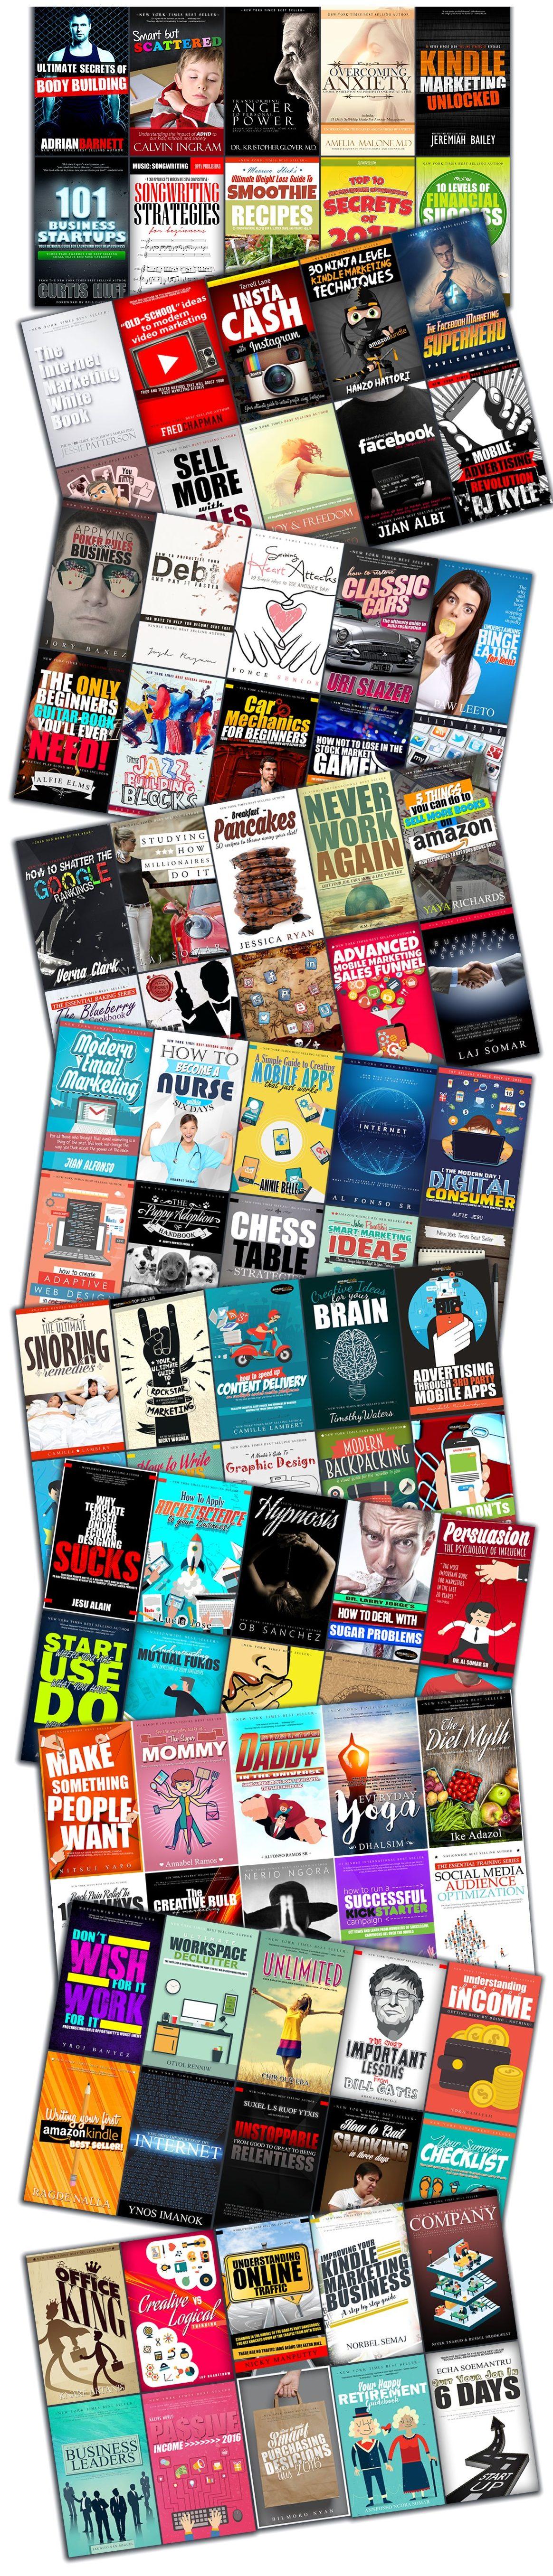 market-crush-100-ebook-cover-bonus